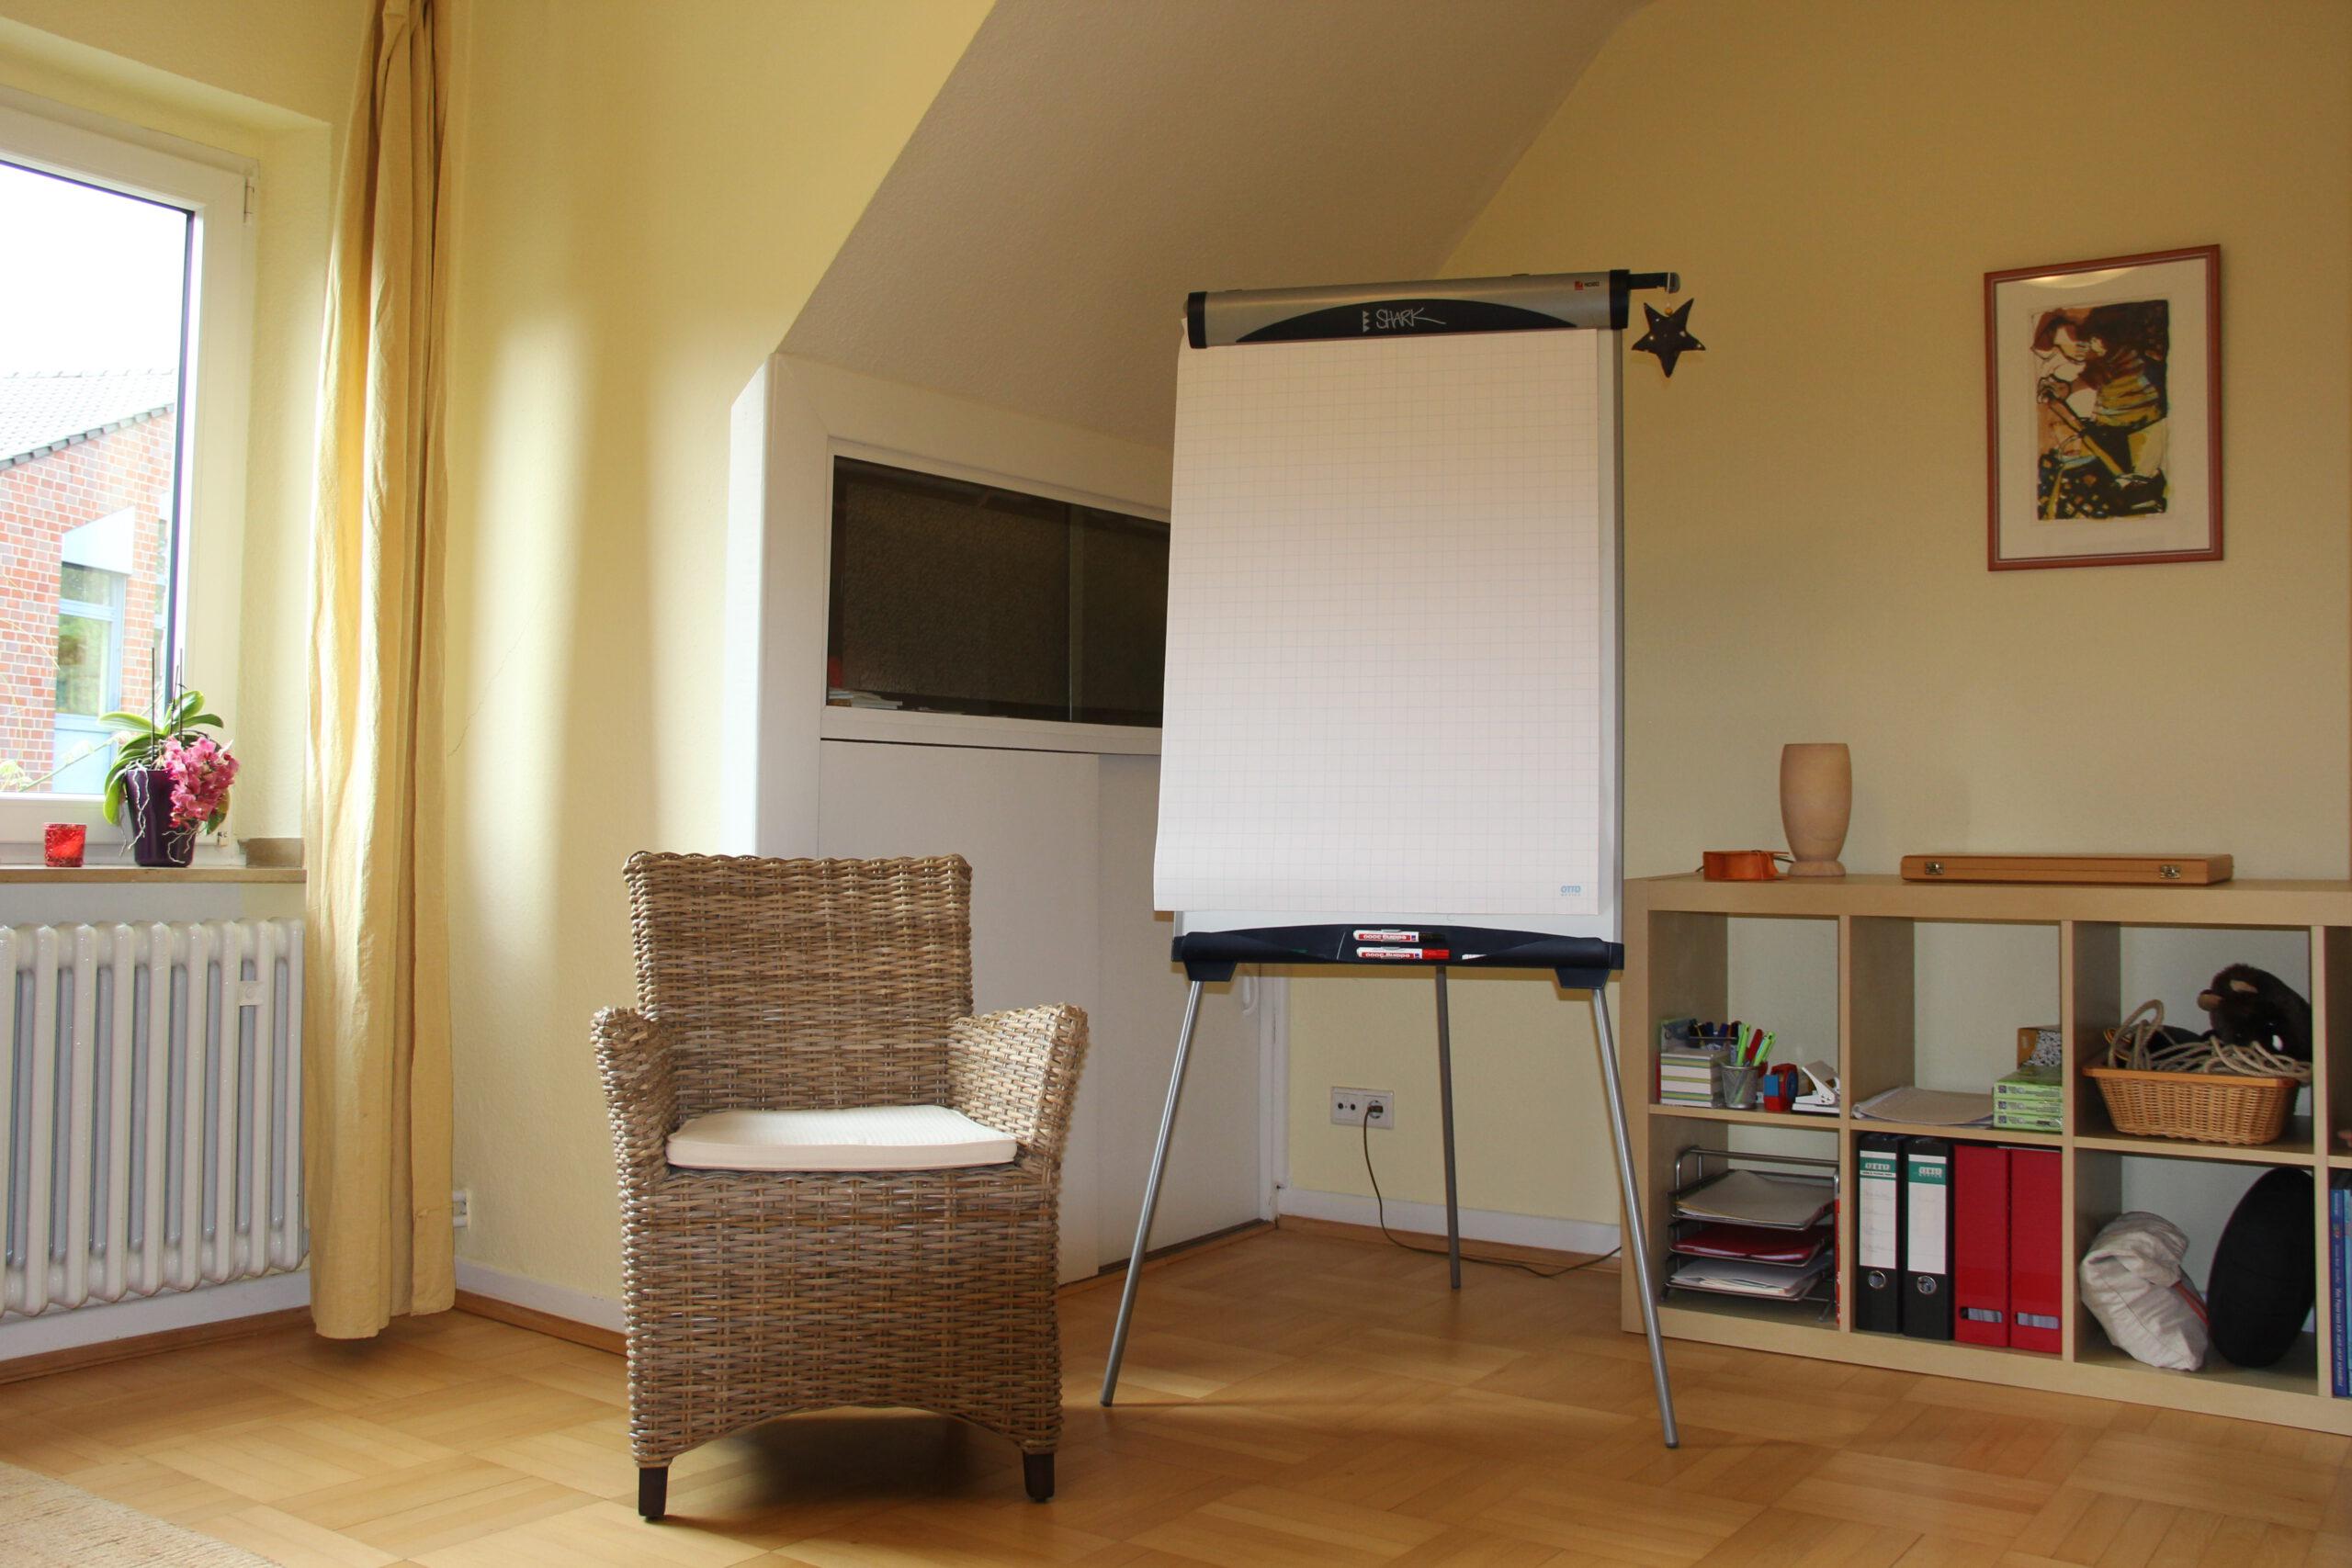 Praxis für Beartung und Psychotherapie